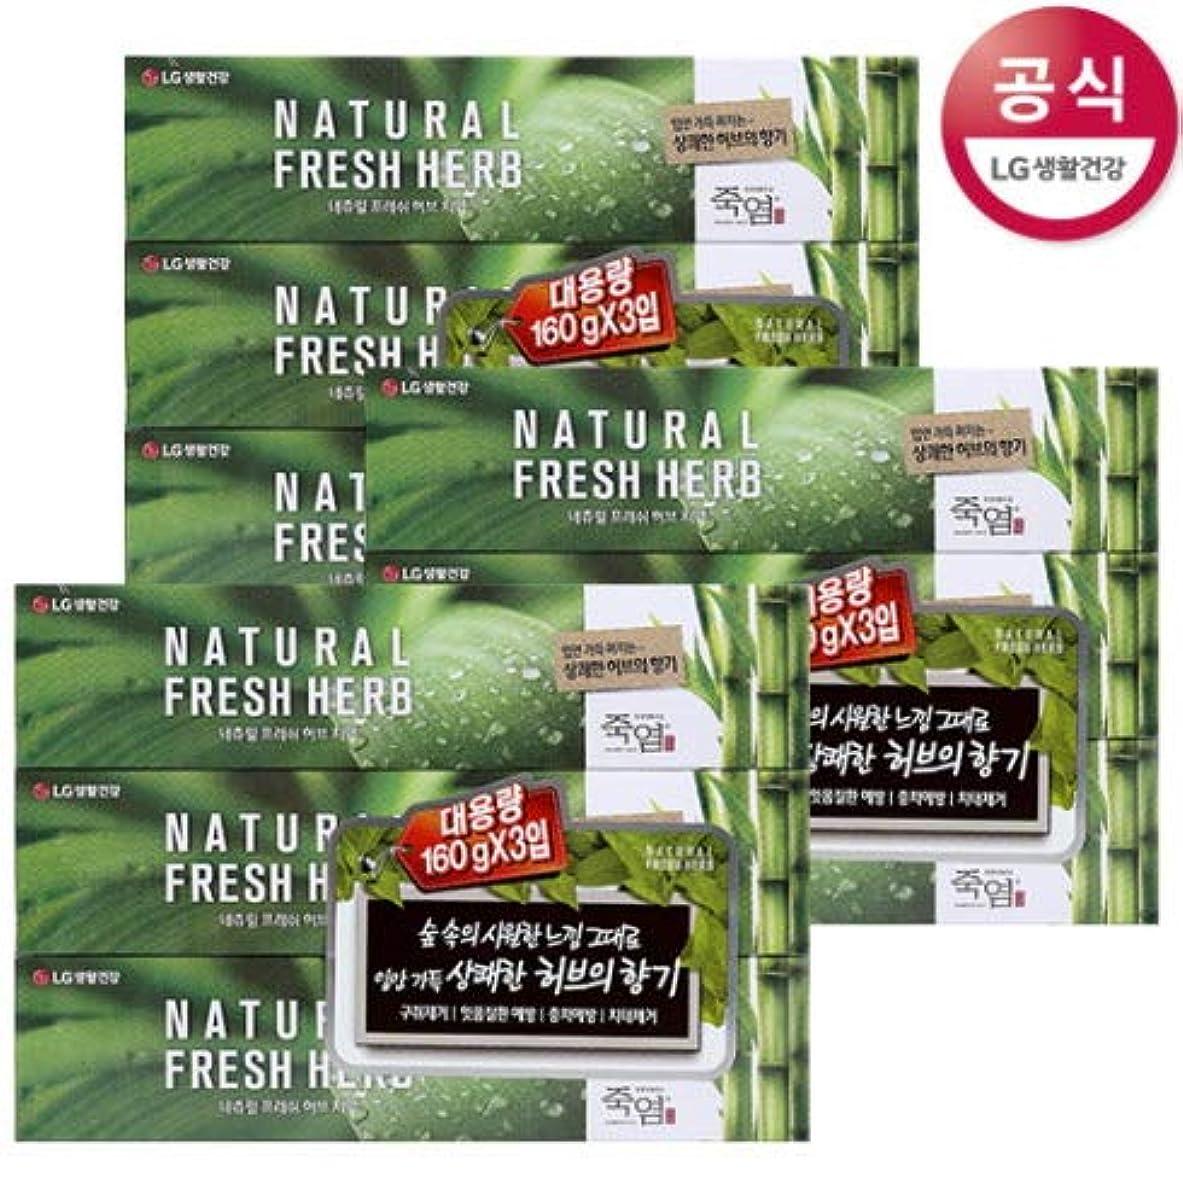 プール使用法妖精[LG HnB] Bamboo Salt Natural Fresh Herbal Toothpaste/竹塩ナチュラルフレッシュハーブ歯磨き粉 160gx9個(海外直送品)